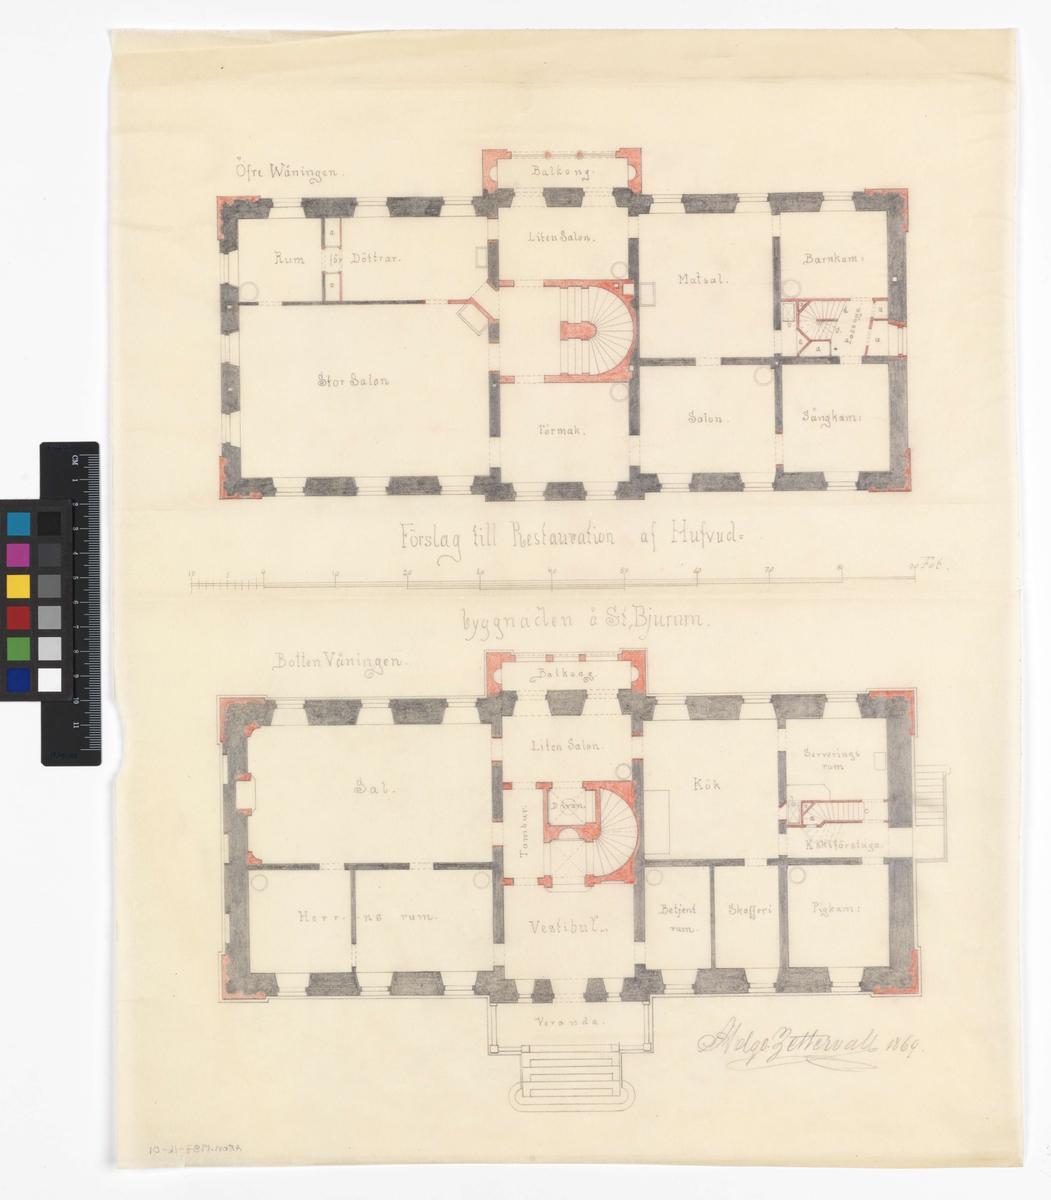 Restaurering av huvudbyggnad Stora Bjurum Plan bottenvåning och övre våning